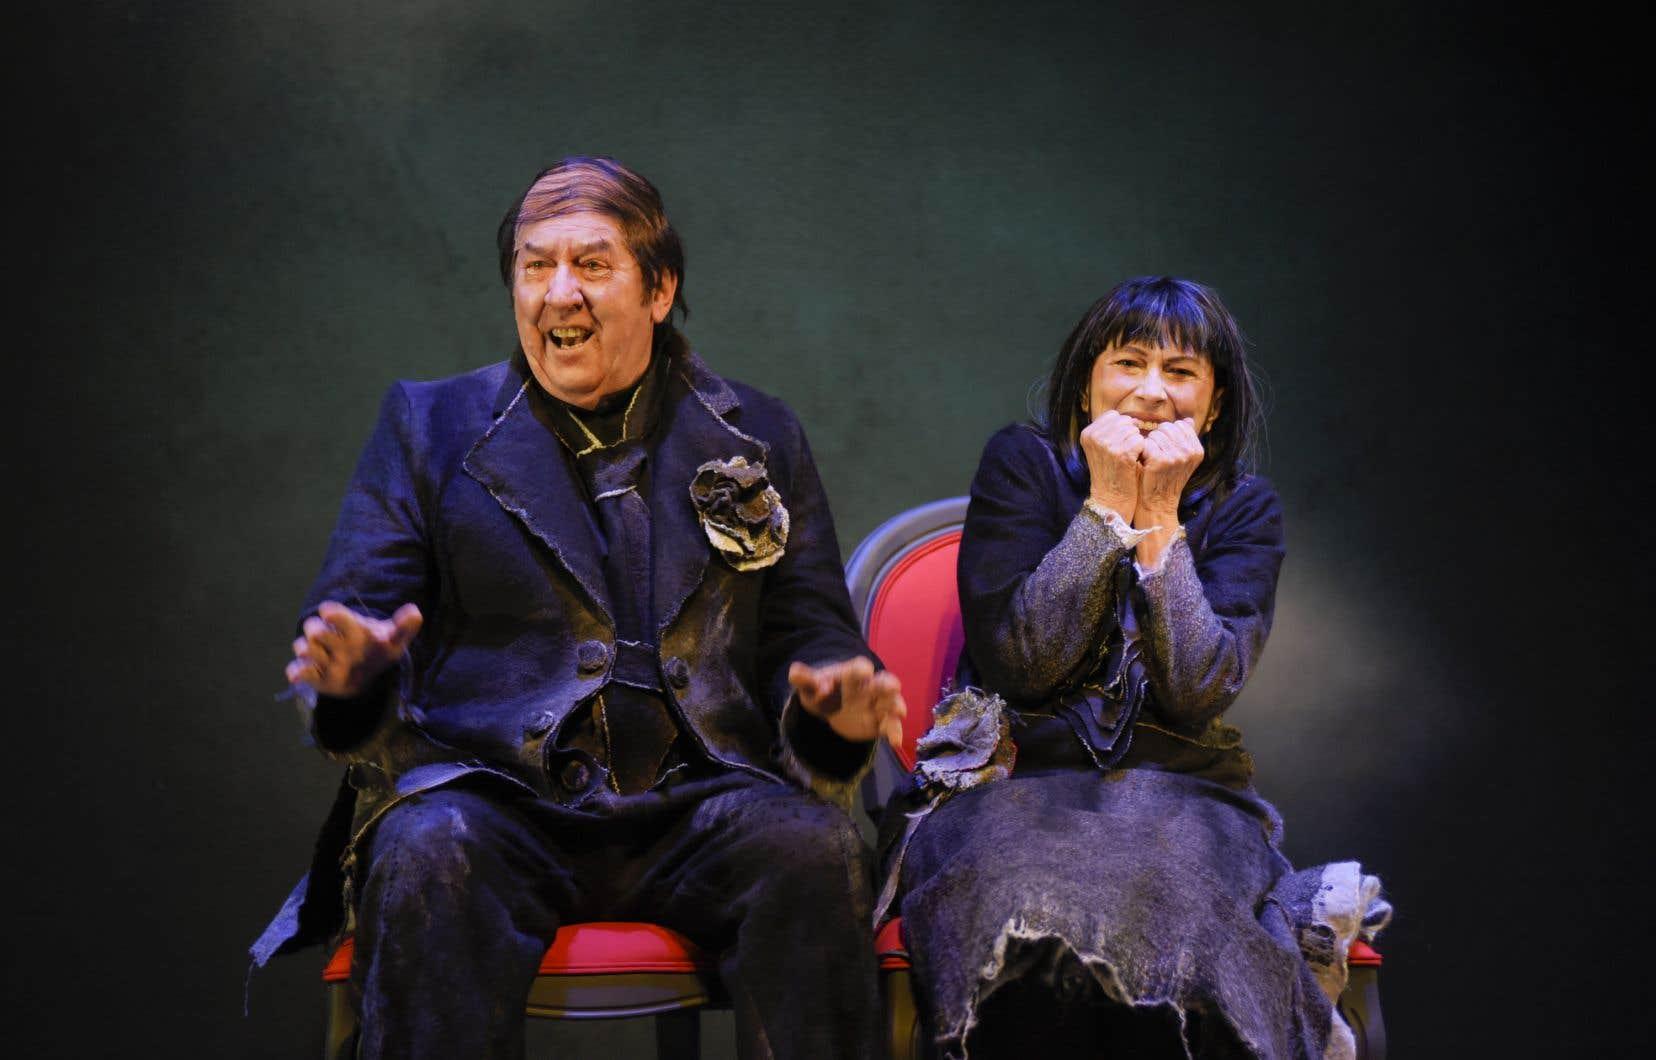 Les acteurs Gilles Renaud et Monique Miller ne ménagent aucun effort, exprimant davantage la farce et la parodie que le vide et la trahison.